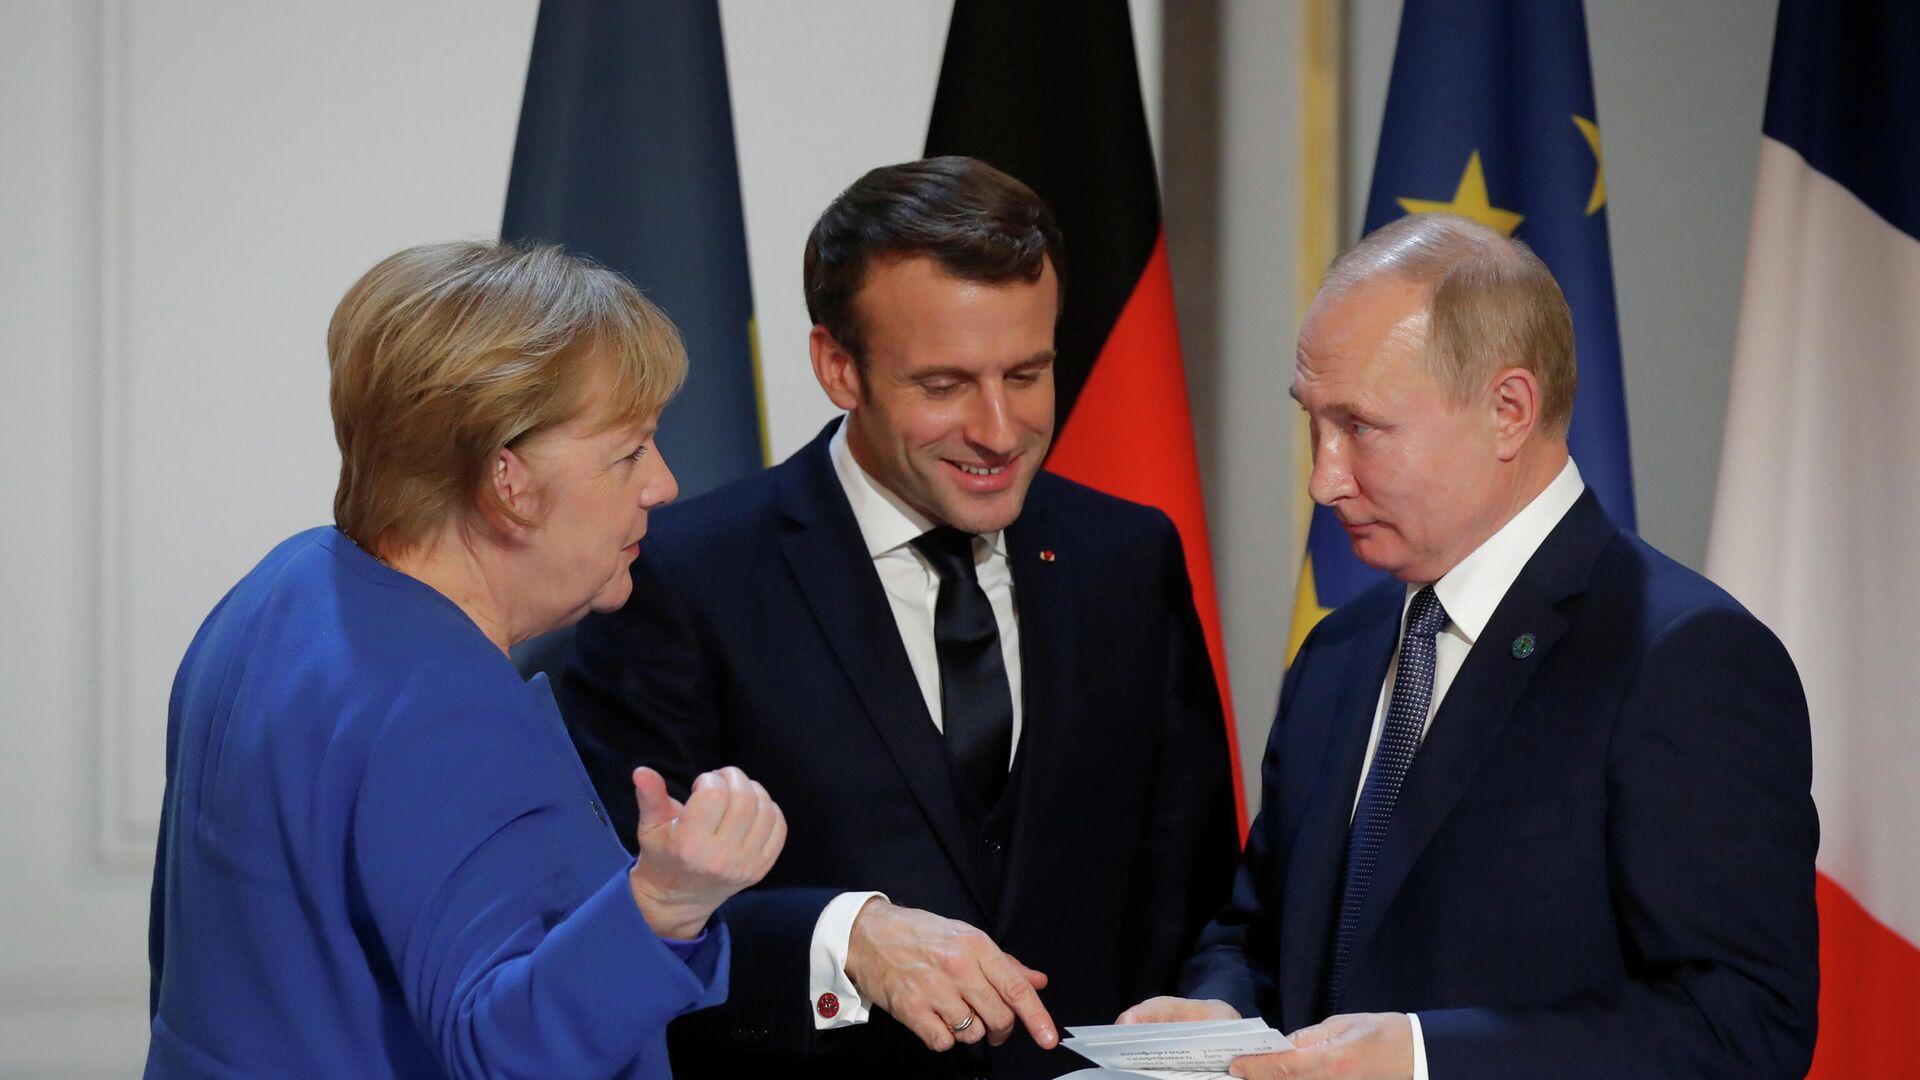 Канцлер Германии Ангела Меркель, президент Франции Эммануэль Макрон и Президент России Владимир Путин на пресс-конференции в Елисейском дворце в Париже. 9 декабря 2019 года  - РИА Новости, 1920, 23.06.2021